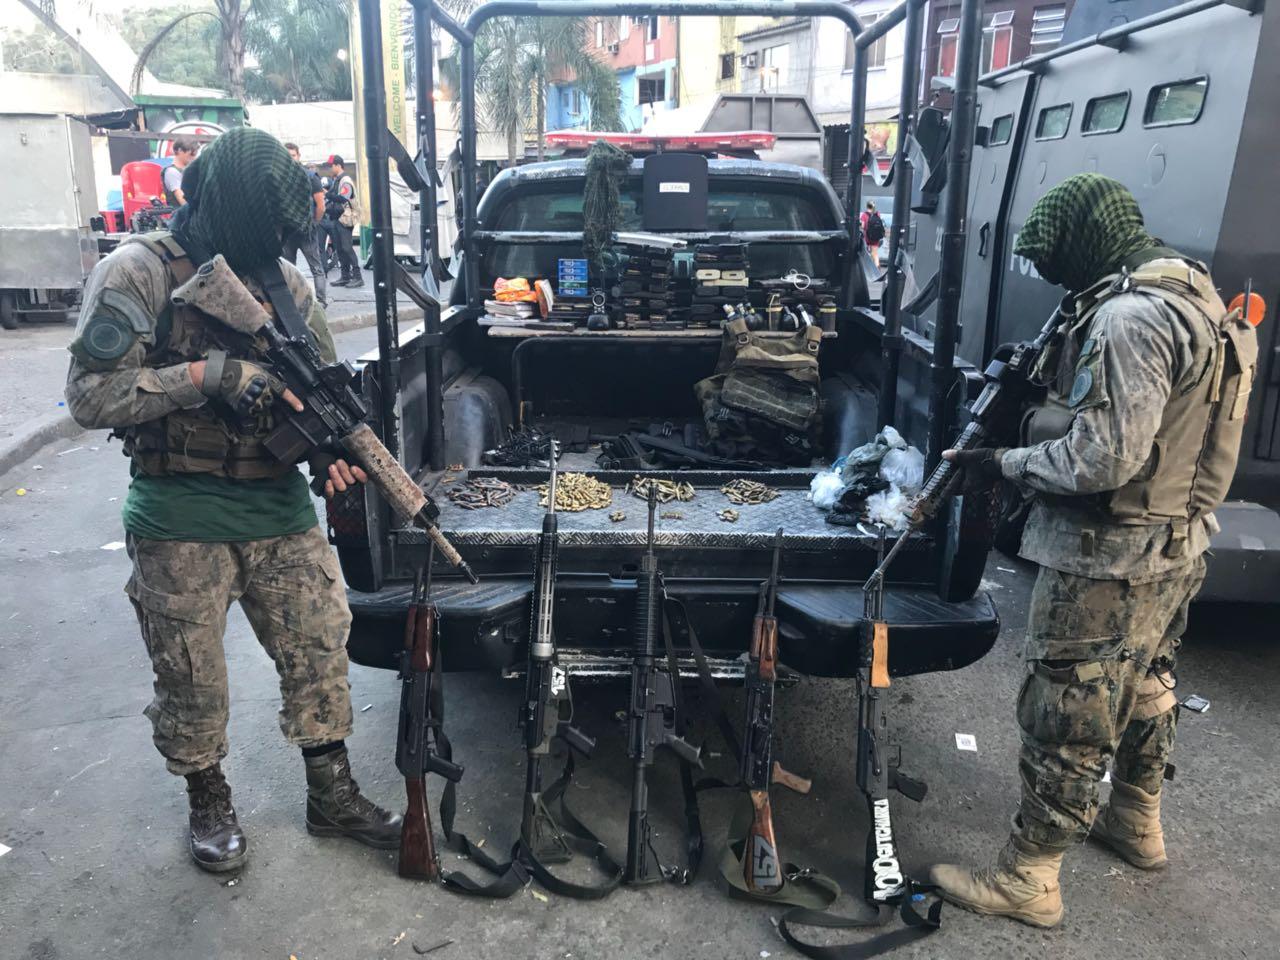 Há cinco meses, durante operação de cerco no Morro da Rocinha, o comportamento dos traficantes fortemente armados chamou a atenção do setor de inteligência. Crédito: Twitter (reprodução)/PMERJ